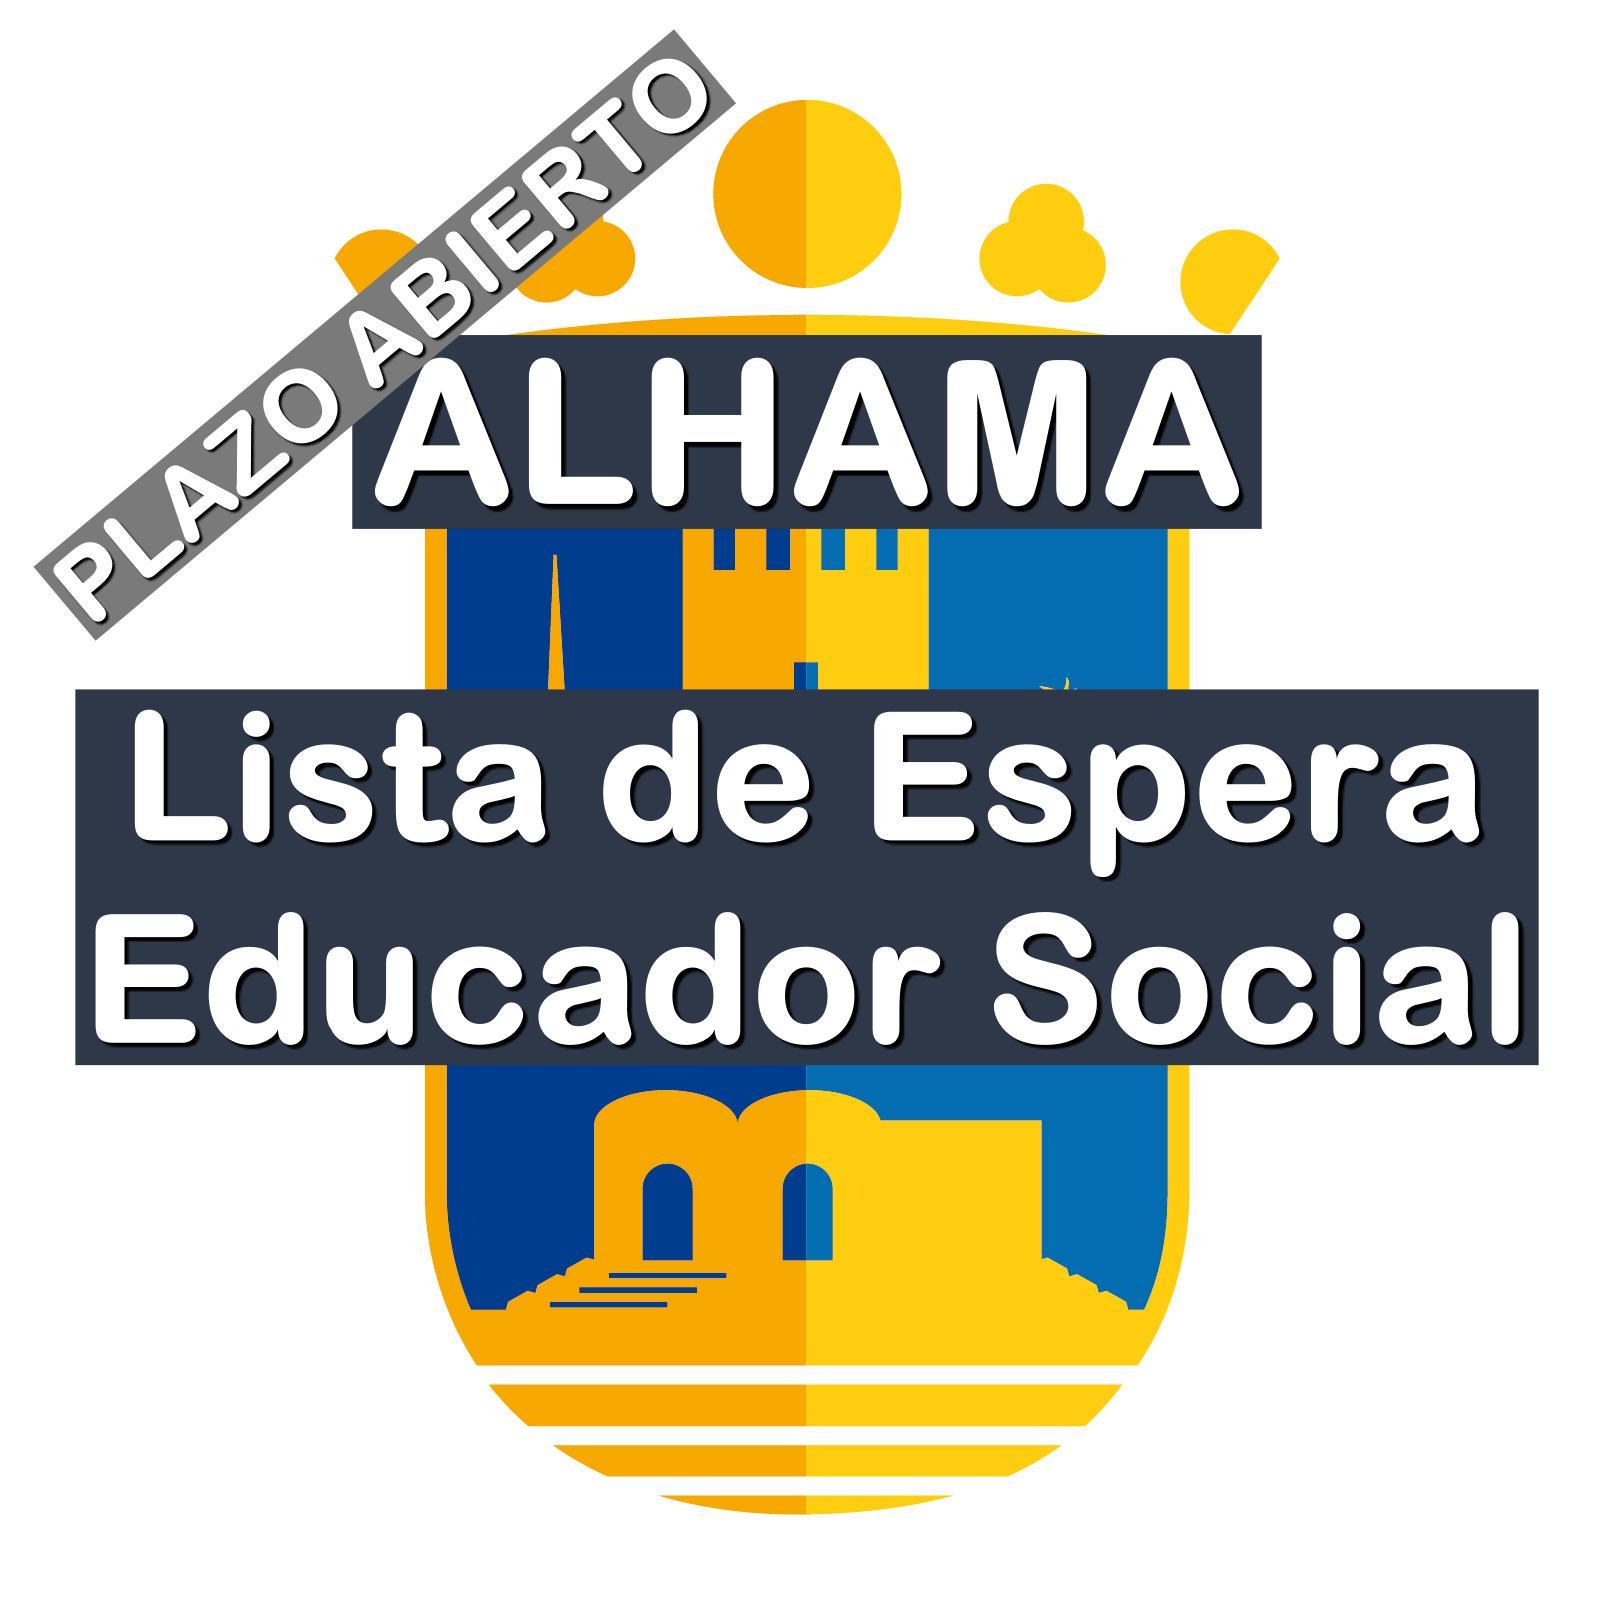 Lista de Espera Educador Social en Alhama